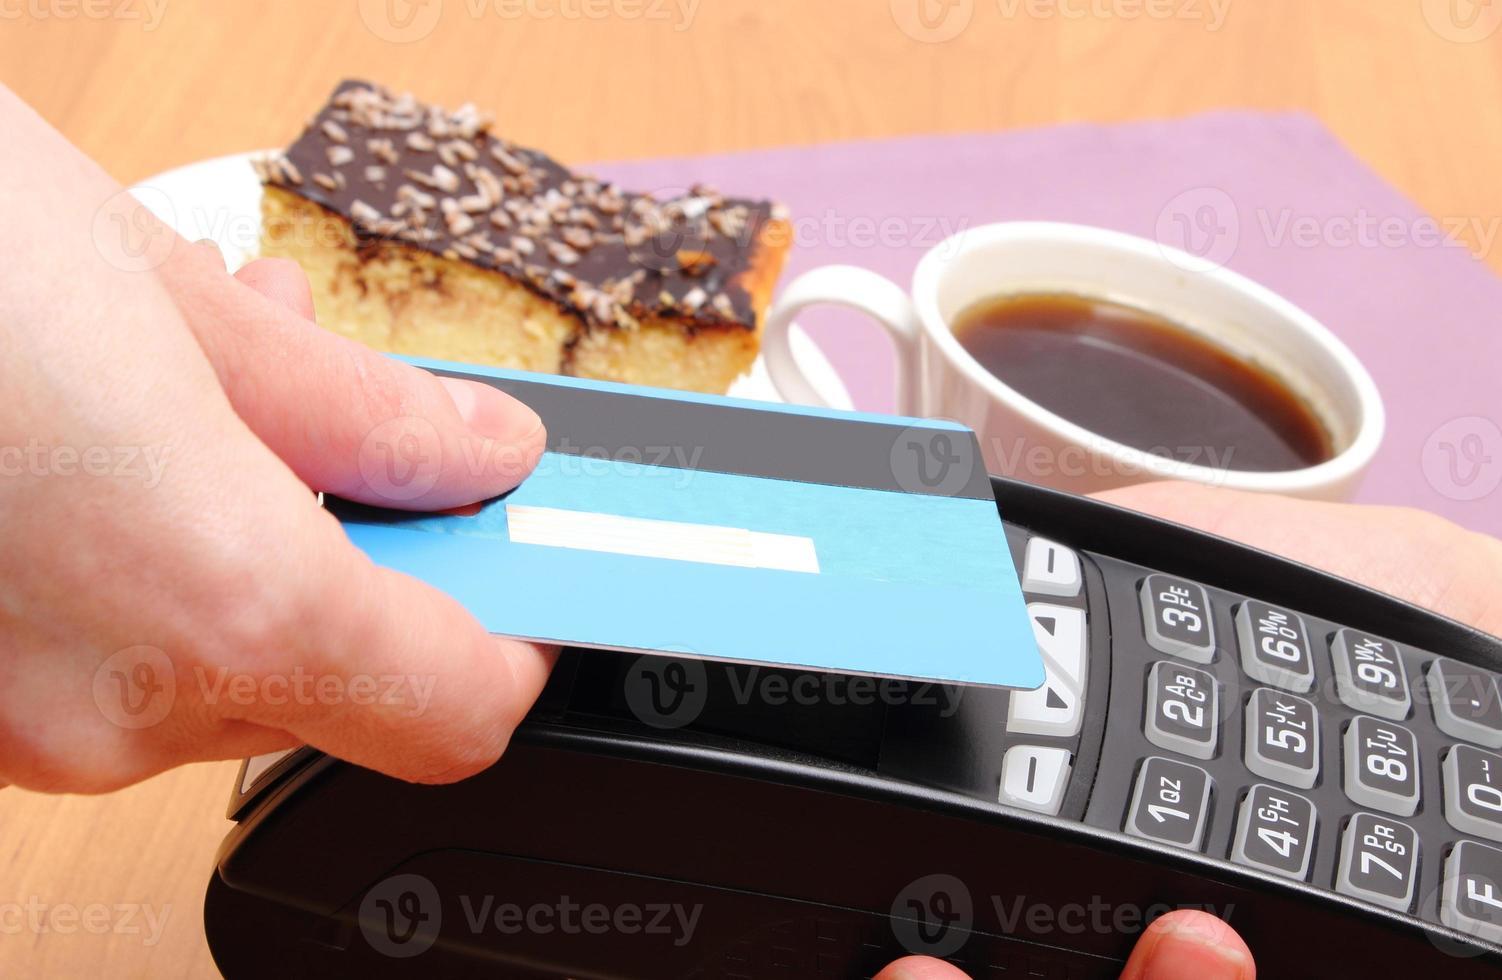 betala med kontaktlöst kreditkort i caféet, finans koncept foto